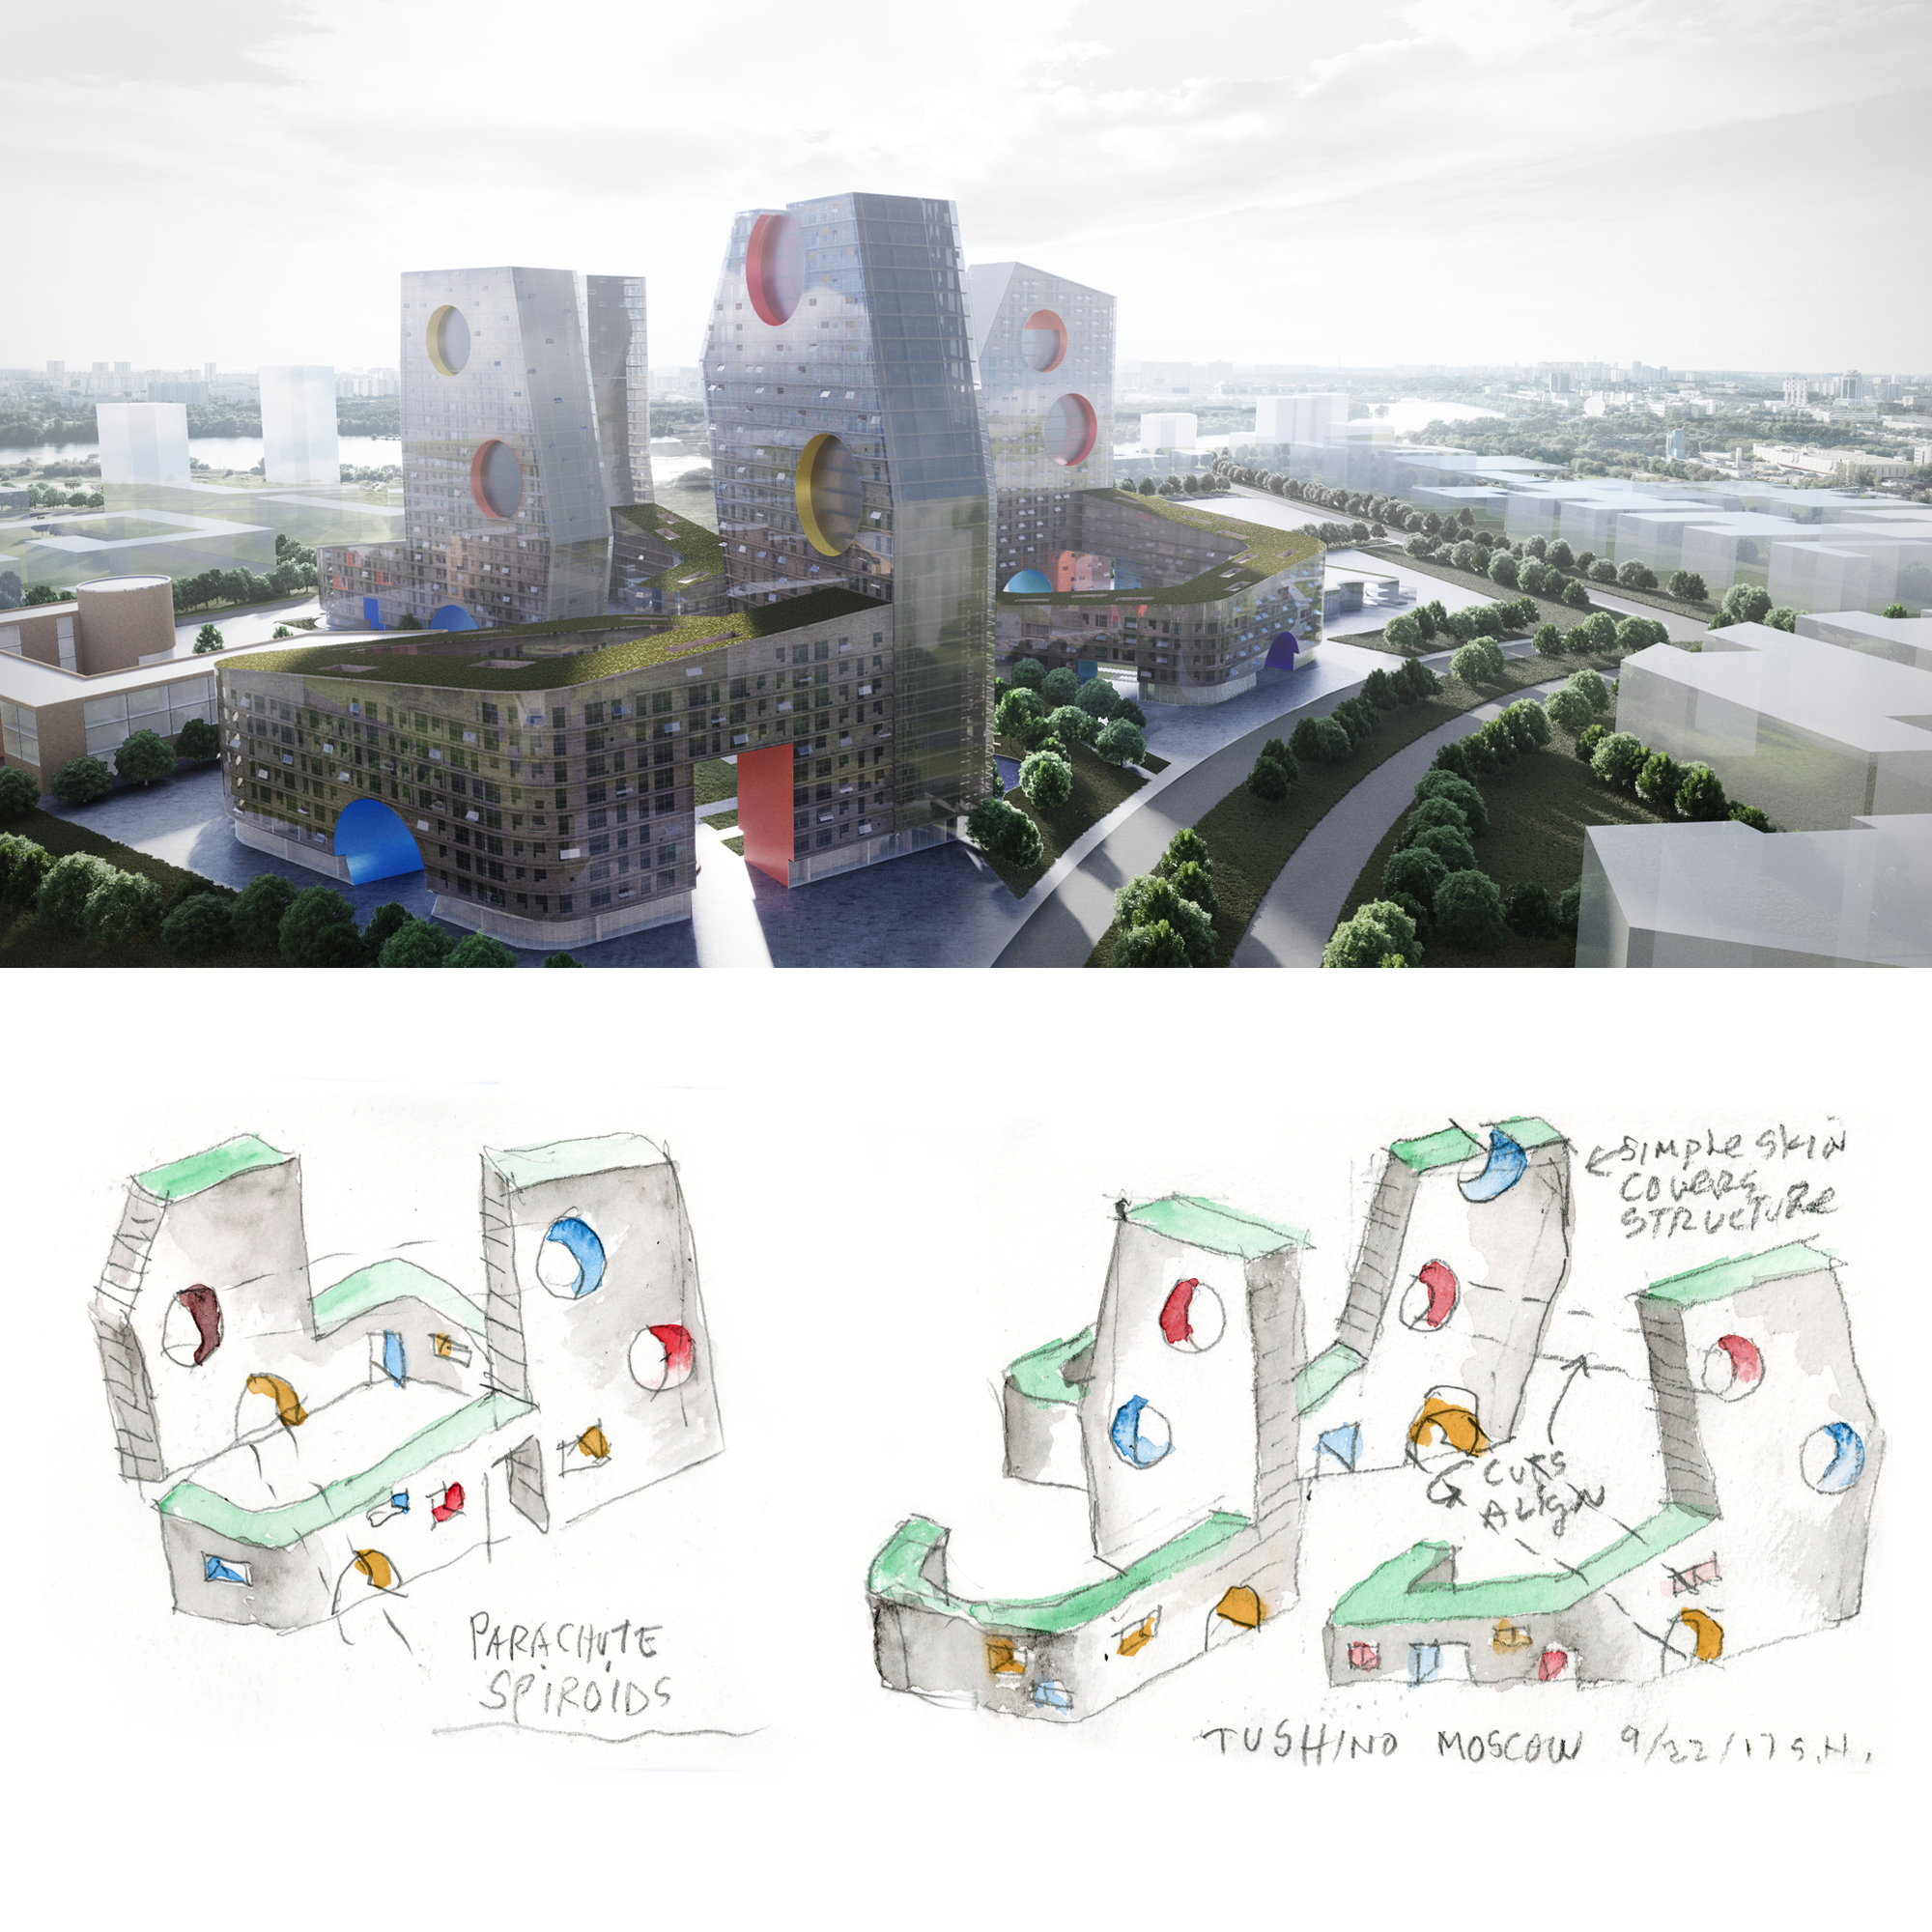 Tushino Residental Towers (2020)